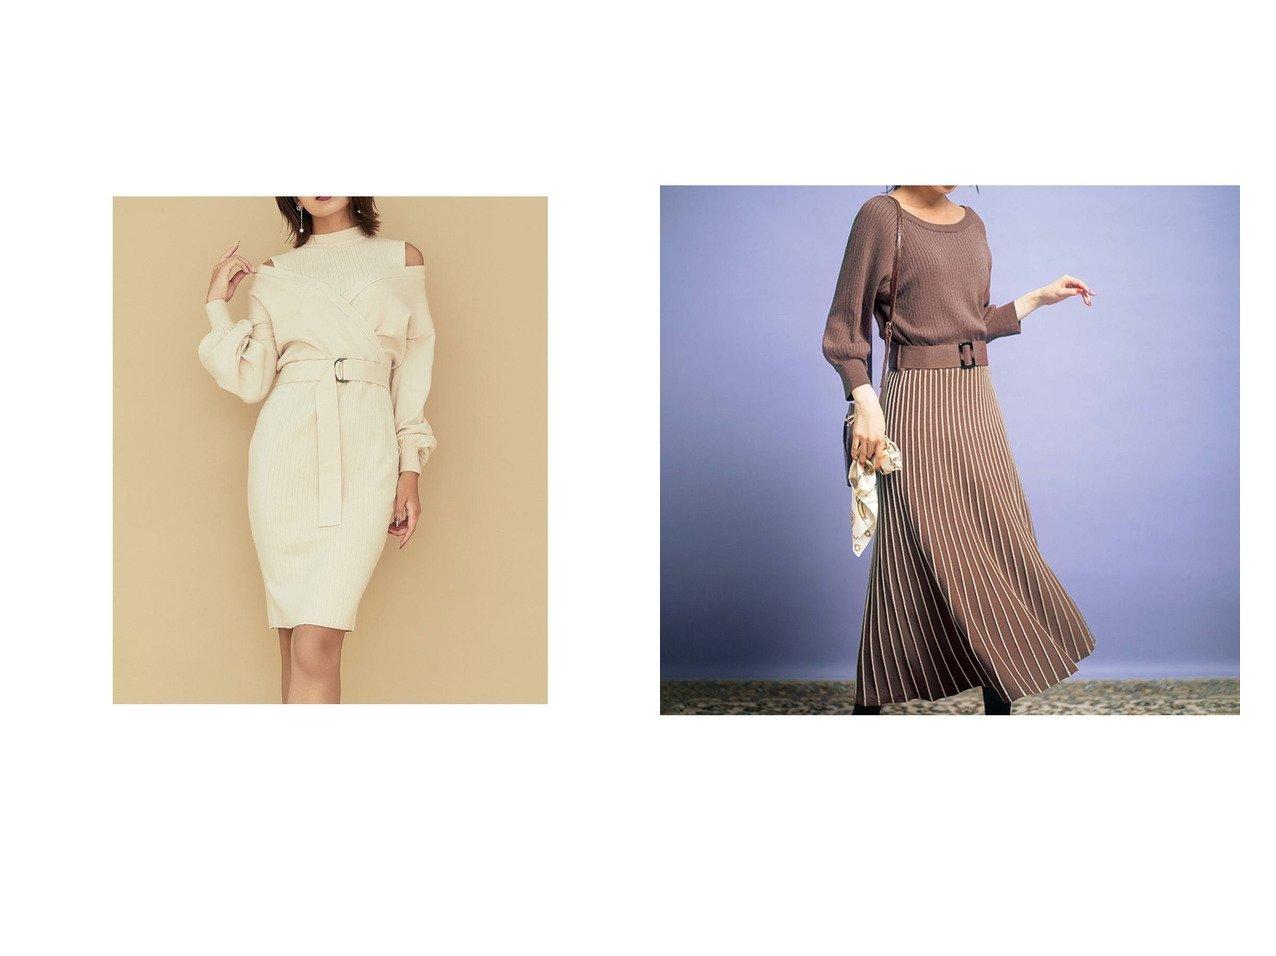 【GeeRa/ジーラ】の前後2WAYプリーツニットワンピース&【RESEXXY/リゼクシー】のカシュクールドッキングワンピース ワンピース・ドレスのおすすめ!人気、トレンド・レディースファッションの通販 おすすめで人気の流行・トレンド、ファッションの通販商品 メンズファッション・キッズファッション・インテリア・家具・レディースファッション・服の通販 founy(ファニー) https://founy.com/ ファッション Fashion レディースファッション WOMEN ワンピース Dress ニットワンピース Knit Dresses カシュクール ノースリーブ 2020年 2020 2020-2021 秋冬 A/W AW Autumn/Winter / FW Fall-Winter 2020-2021 A/W 秋冬 AW Autumn/Winter / FW Fall-Winter プリーツ  ID:crp329100000014780